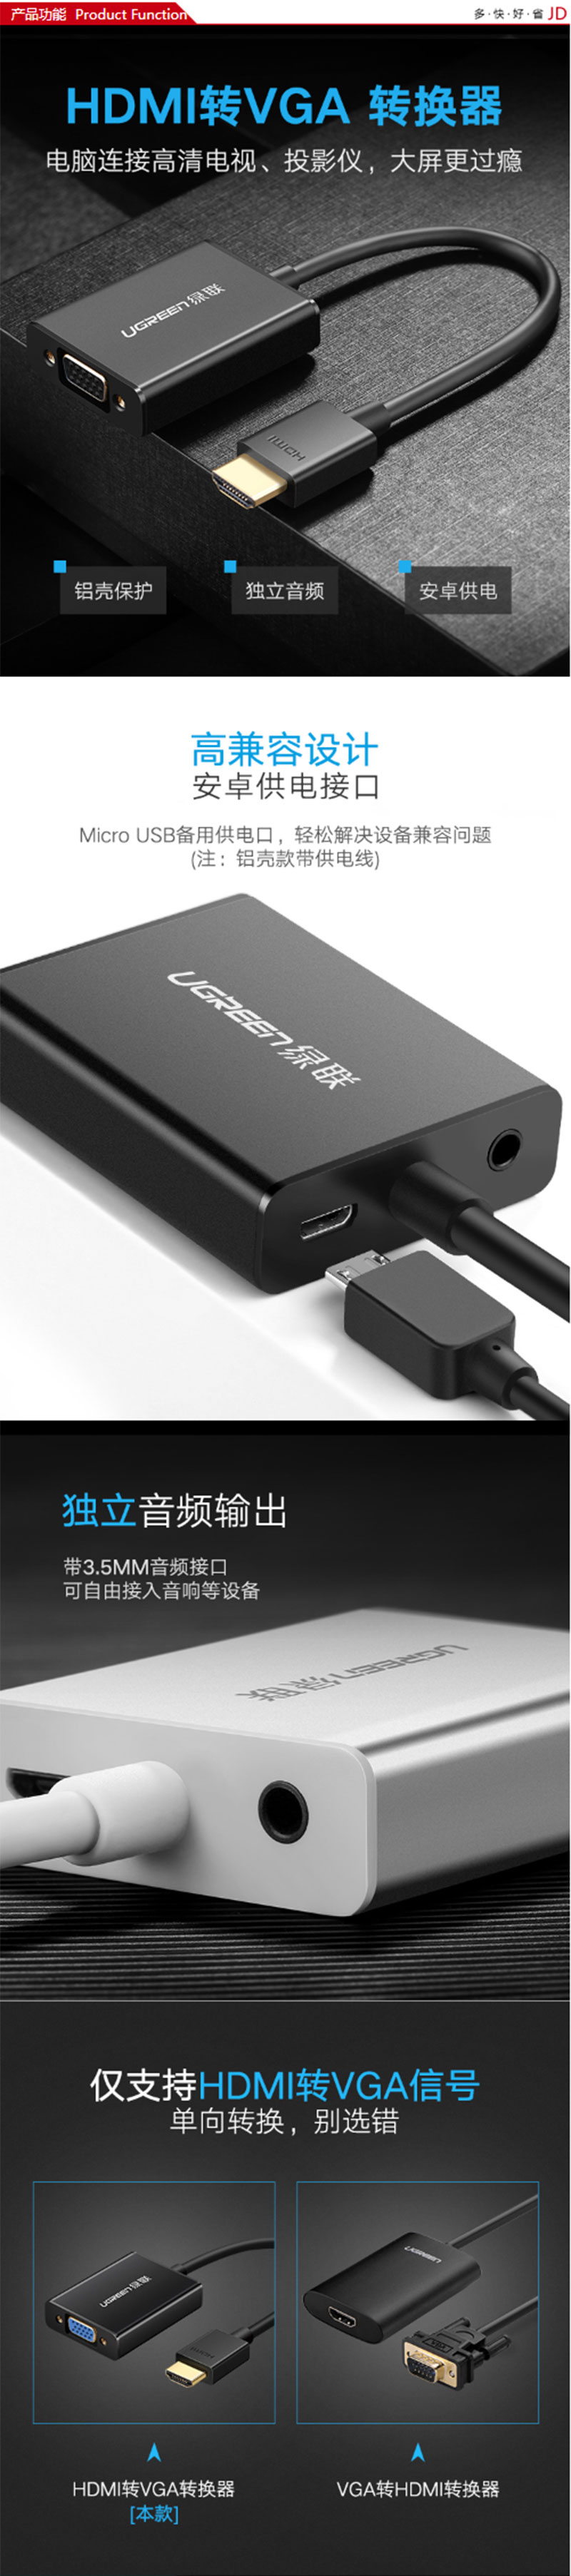 绿联40212 HDMI(高清)转VGA 带音频 铝壳